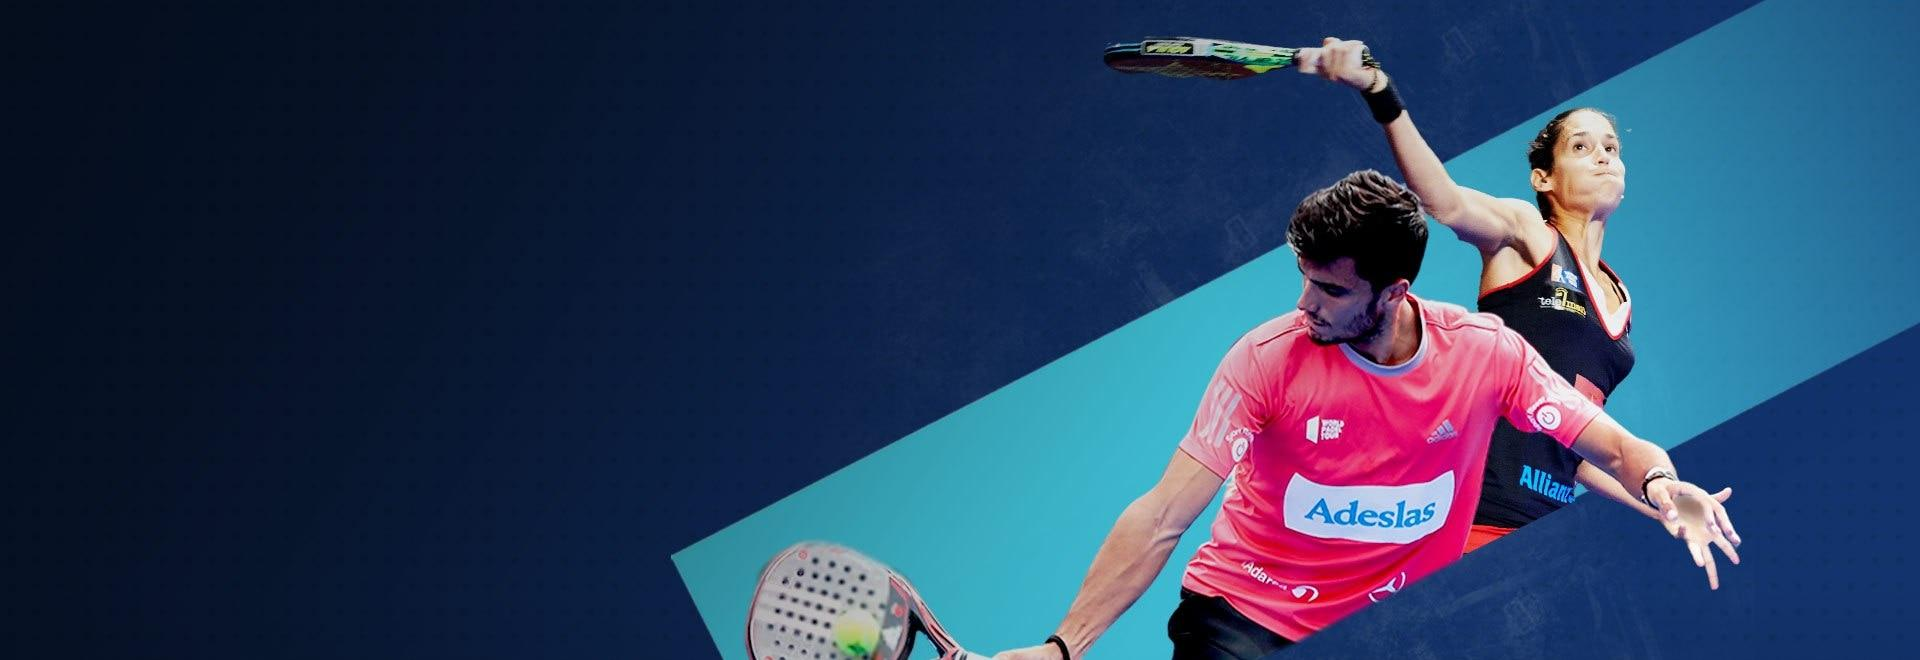 Madrid Open: 1a Finale